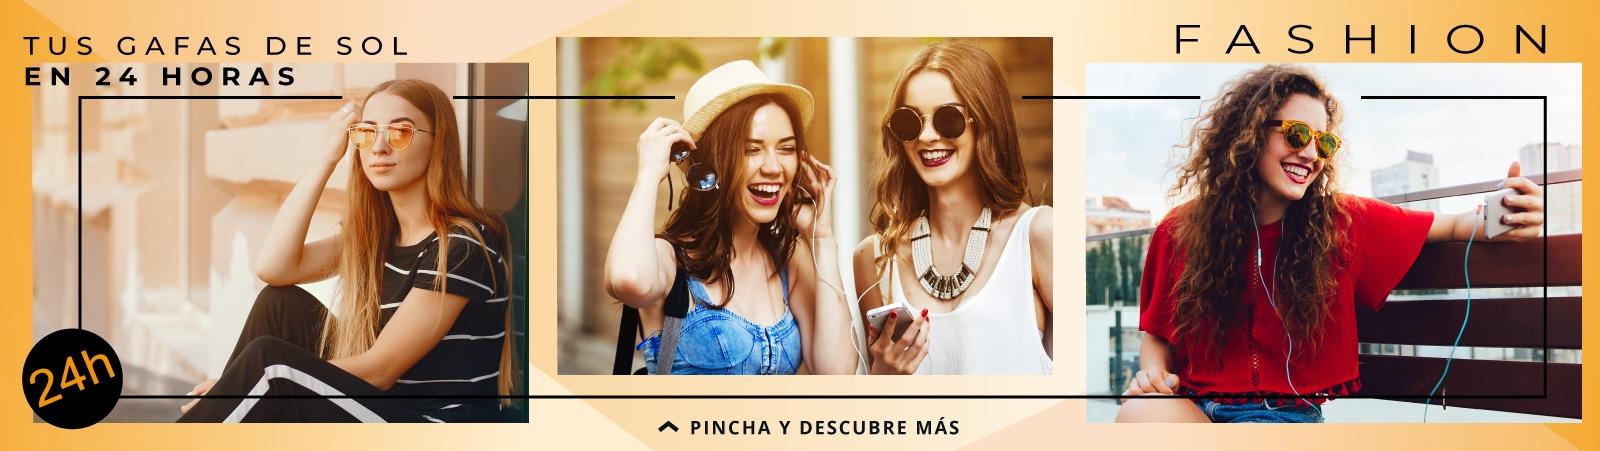 d0d5e21afd Gafas de Sol Online de Moda【Comprar Gafas Originales 100%】